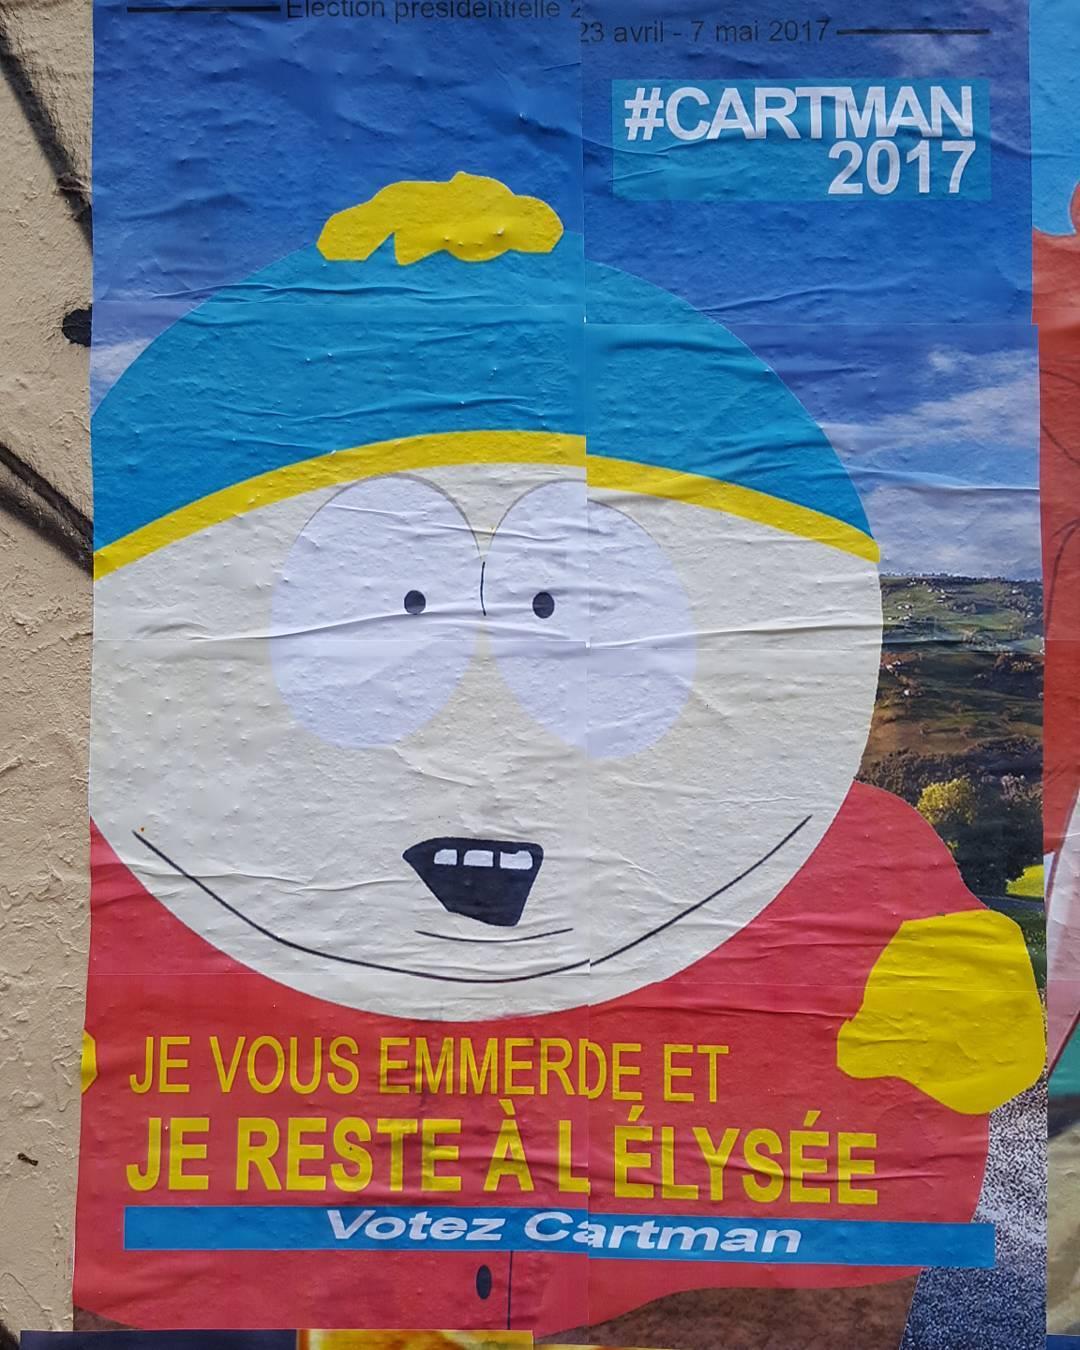 [Parodie] Les meilleures (fausses) affiches des présidentielles 2017 4